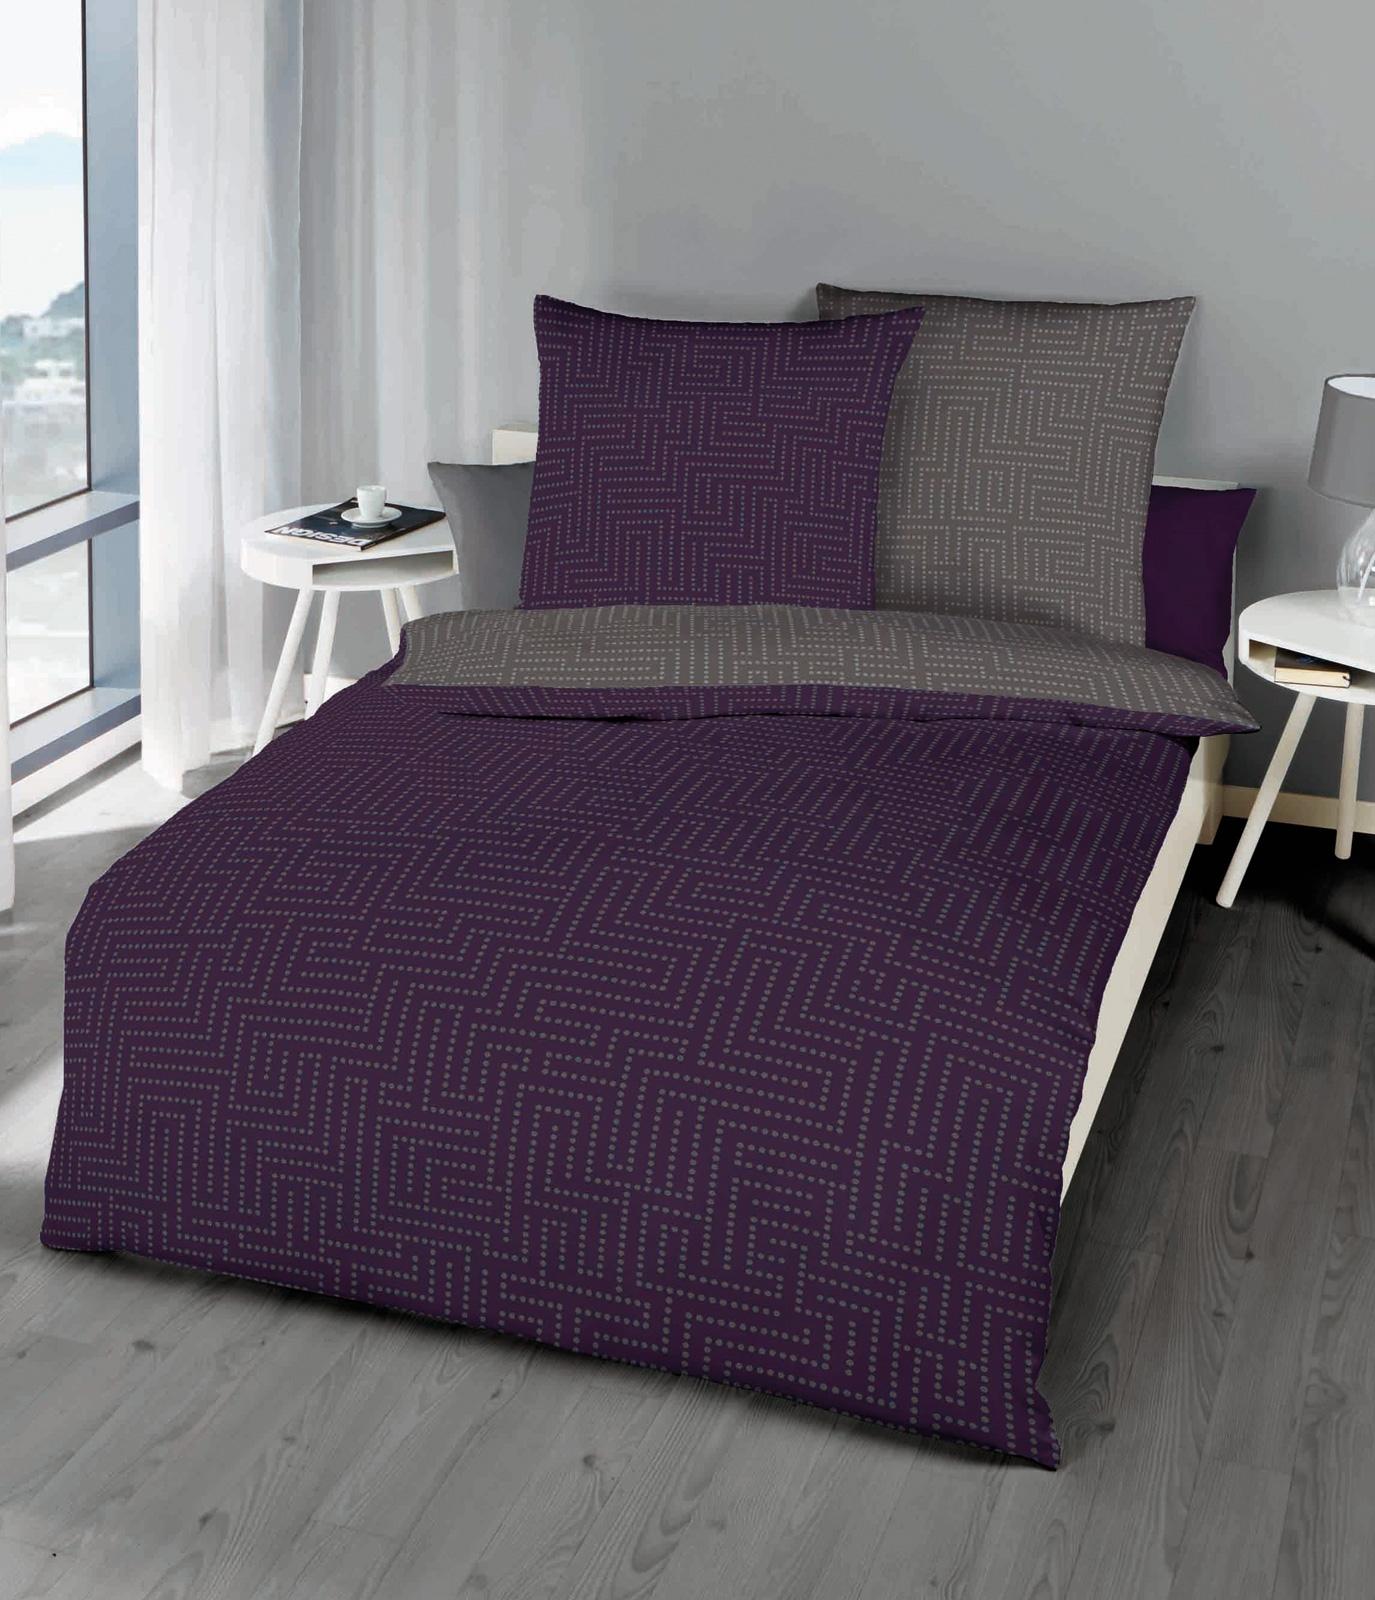 Bettwäsche - Kaeppel Mako Satin Bettwäsche Password violett 986 665 Aufbewahrungsbeutel  - Onlineshop PremiumShop321